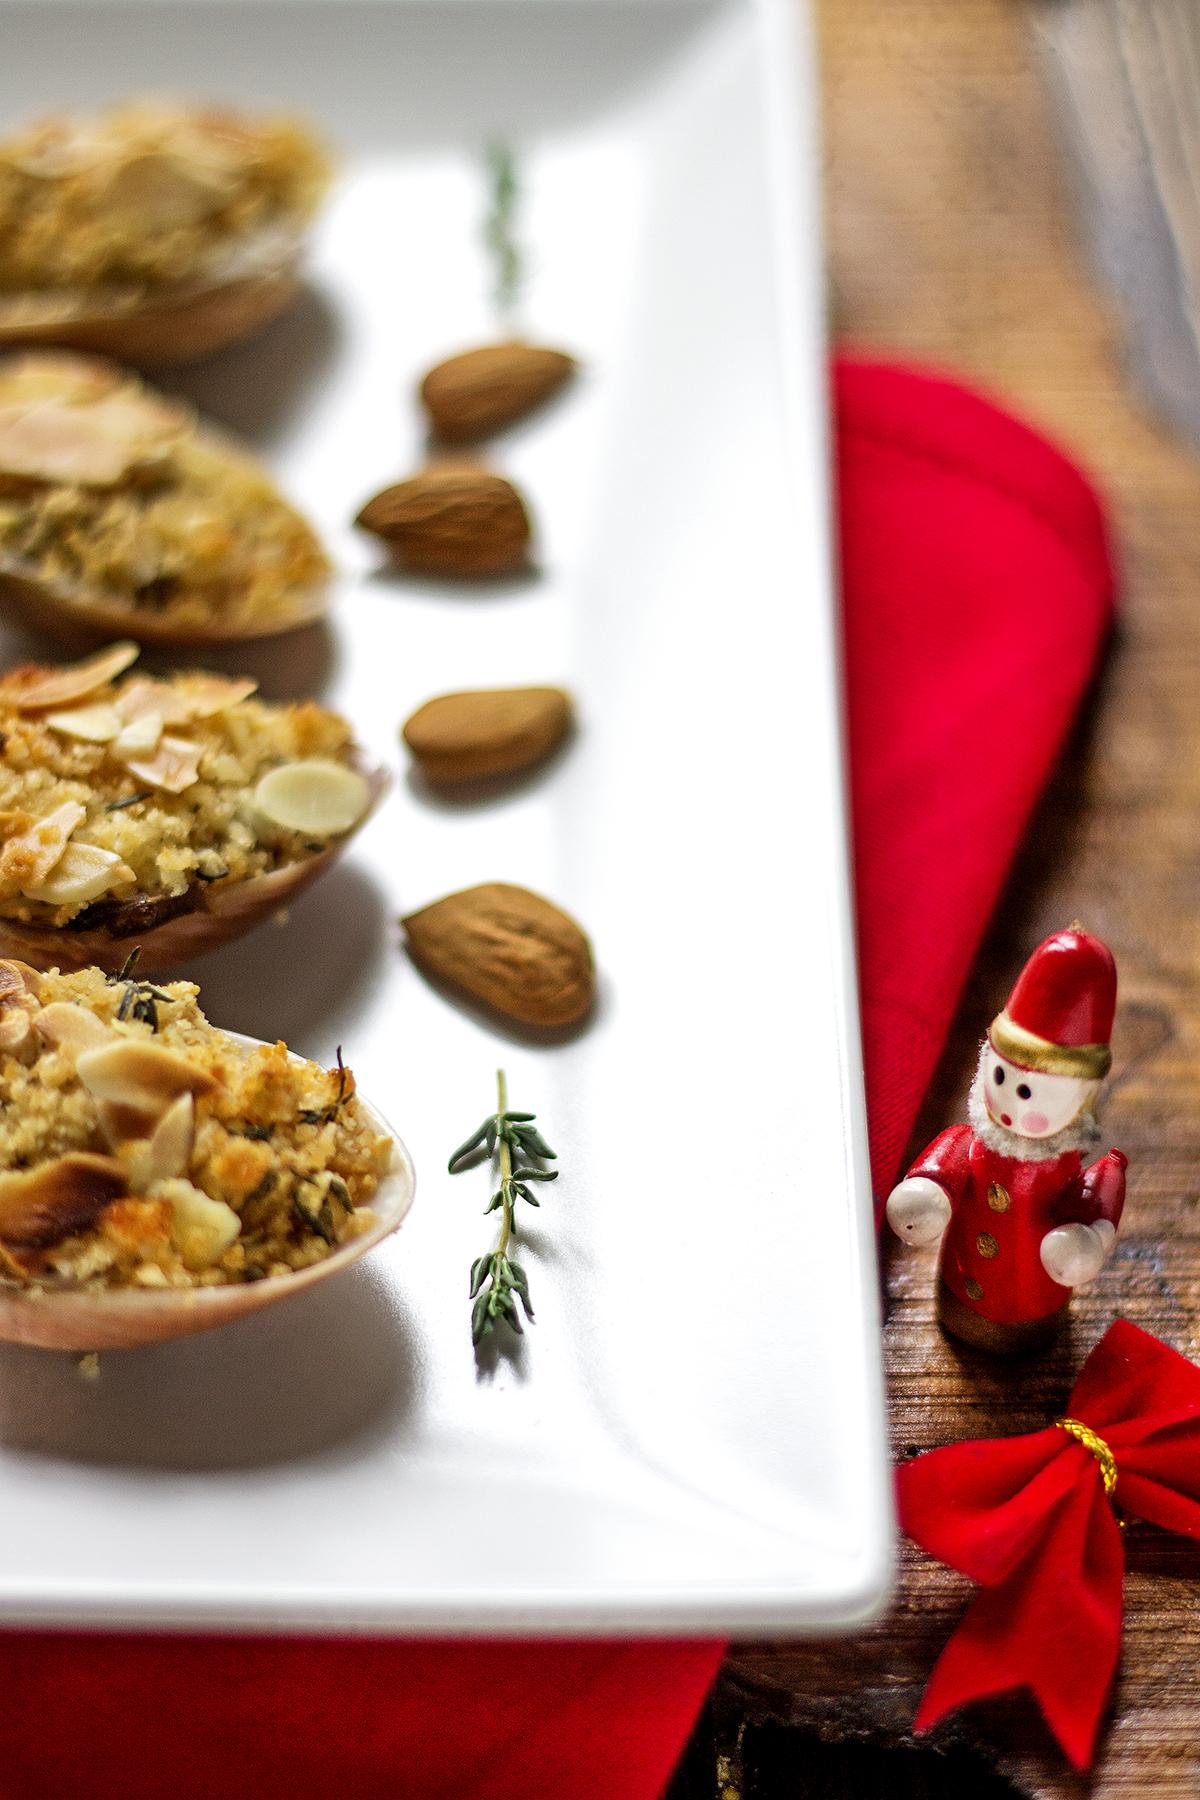 fasolari-gratinati-al-burro-di-mandorla-3-contemporaneo-food